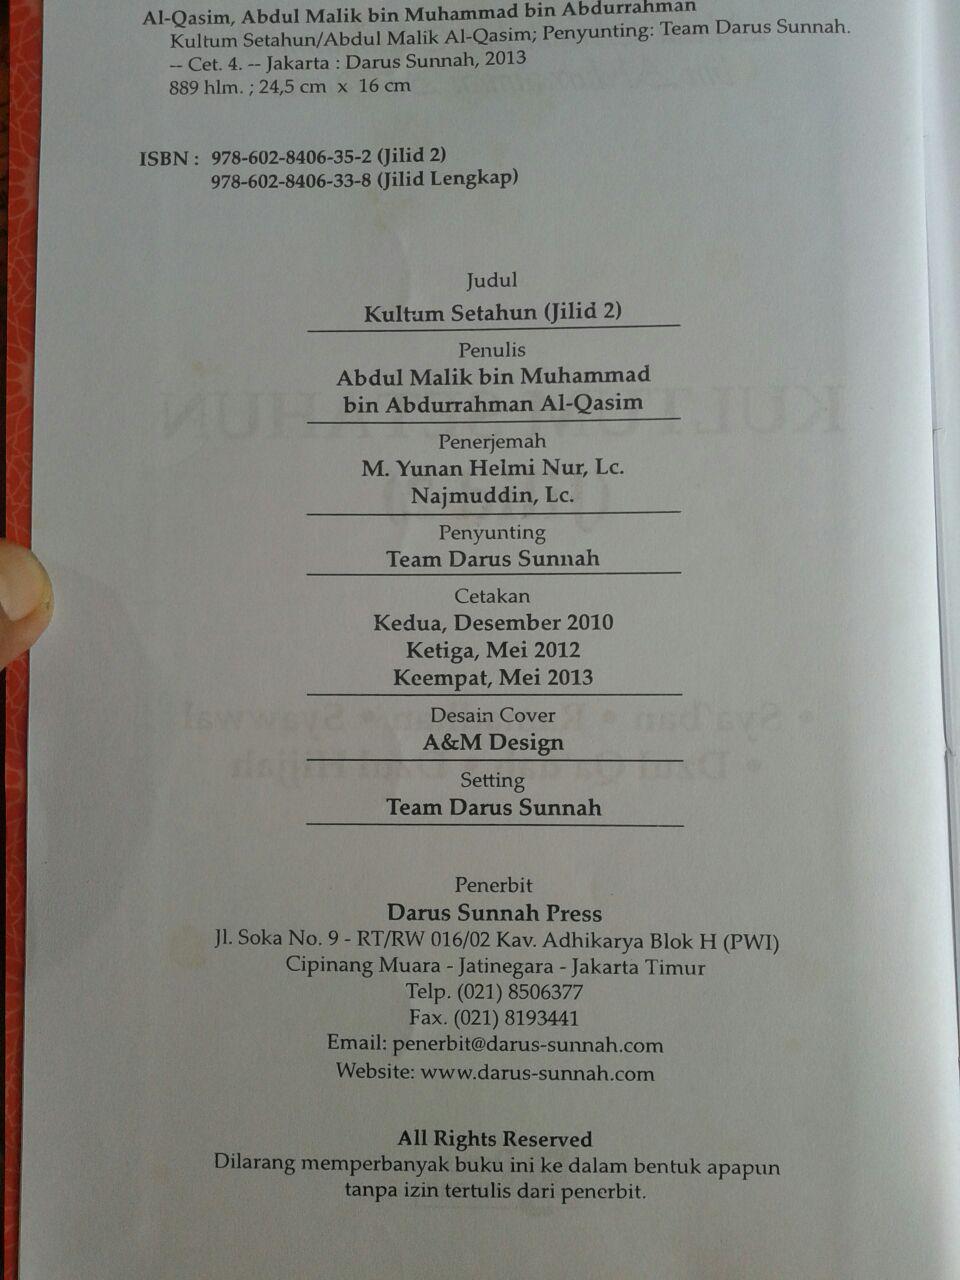 Buku Kultum Setahun 1 Set 2 Jilid isi 4